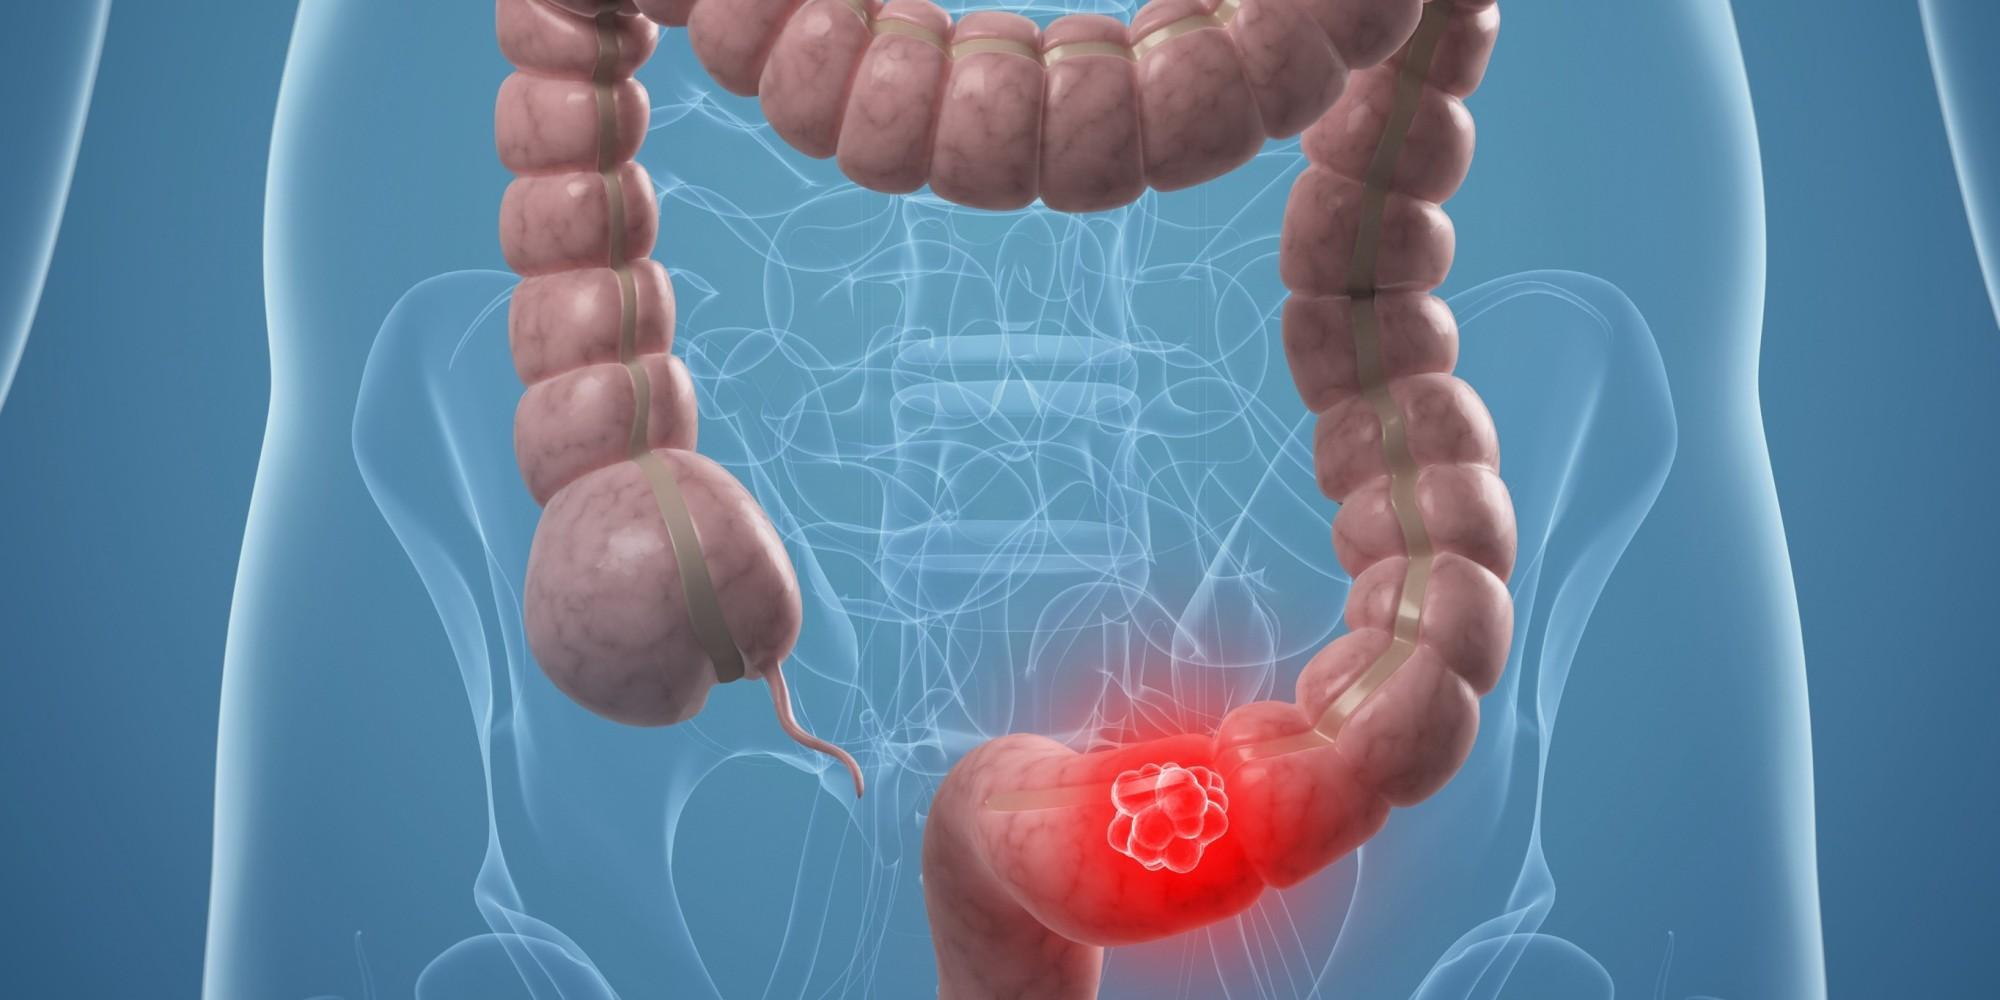 Чем и как лечить кишечник в домашних условиях